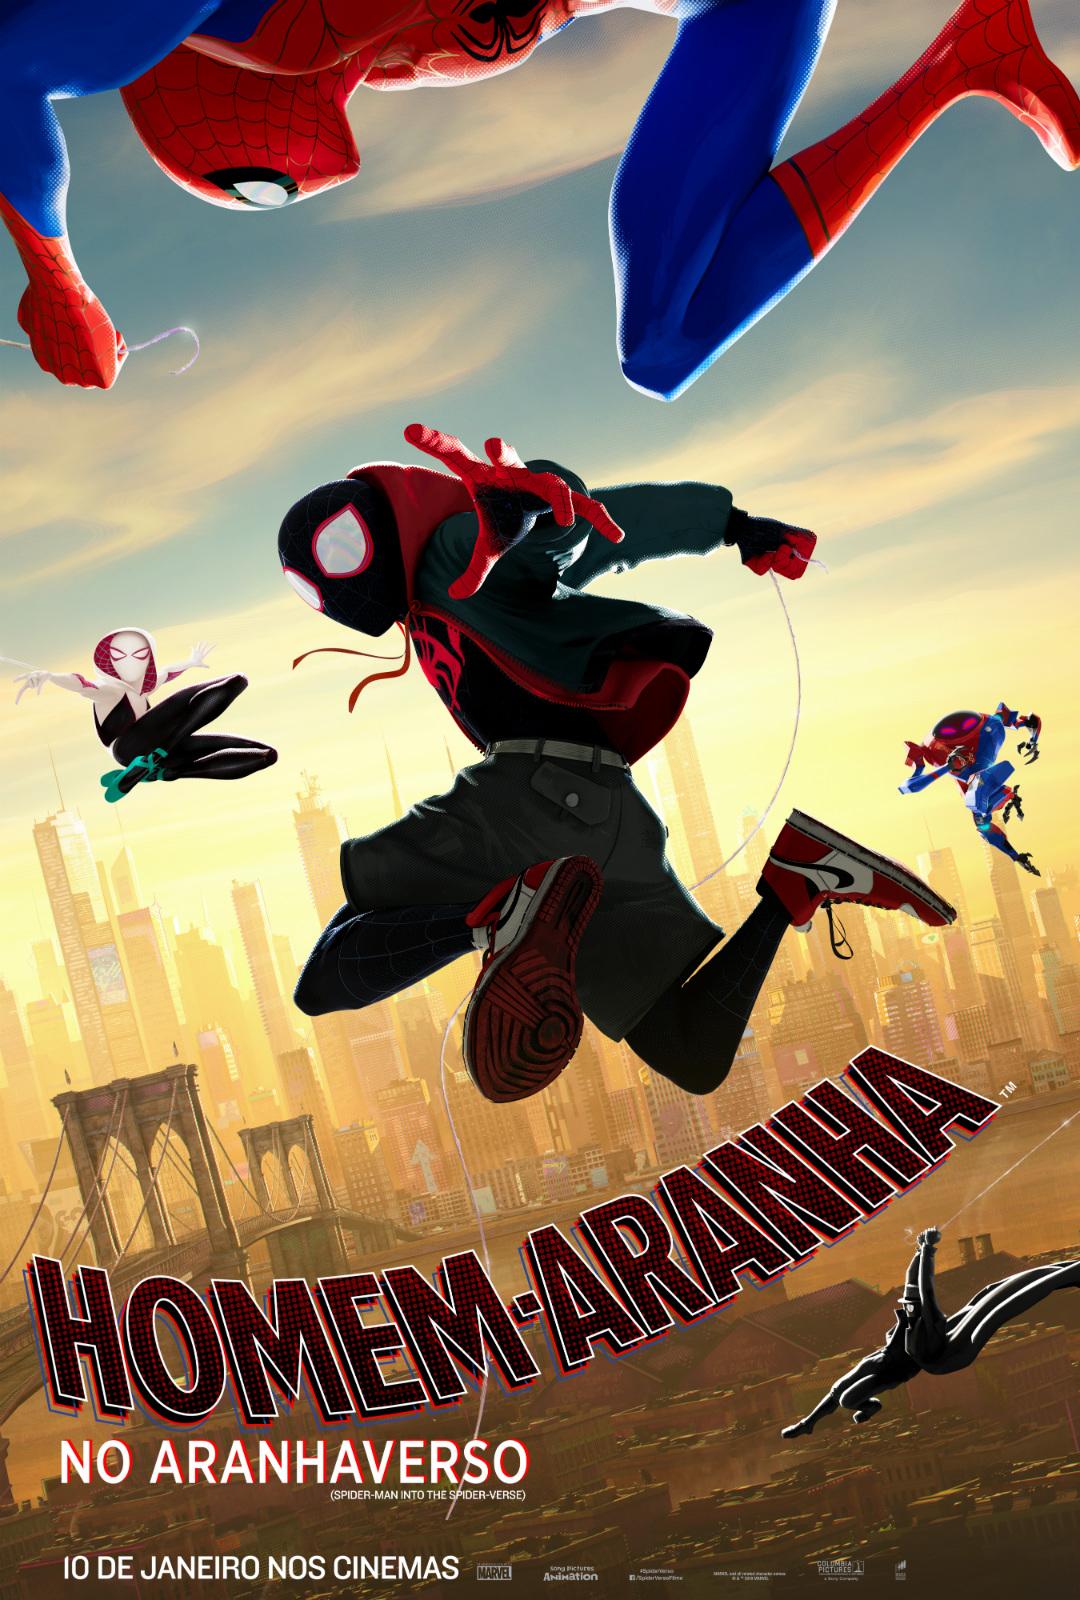 Homem Aranha No Aranhaverso Filme 2018 Adorocinema